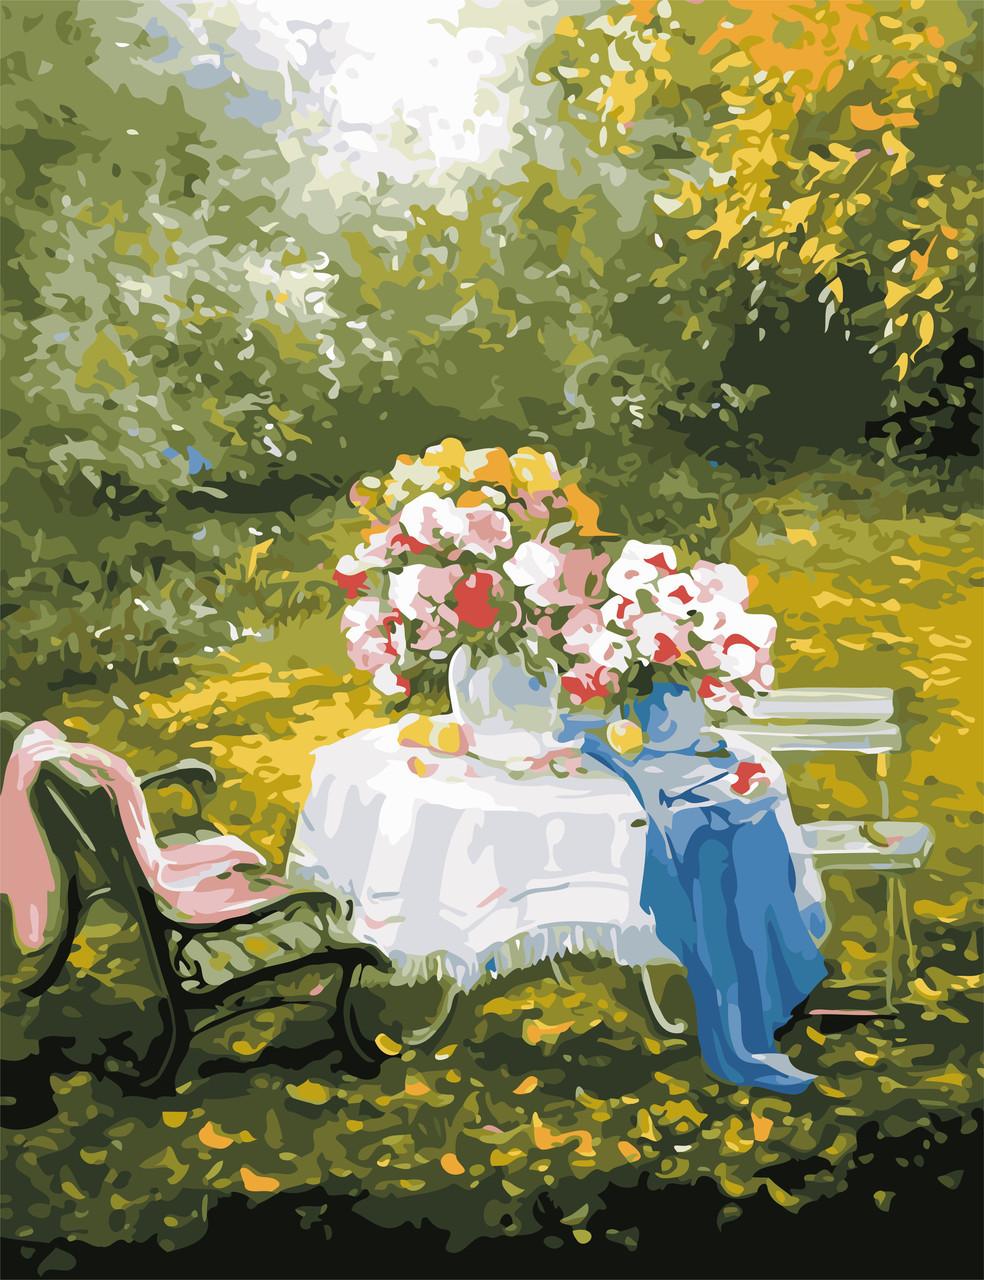 Картина по номерам Отдых в саду 50 х 65 см (AS0649)